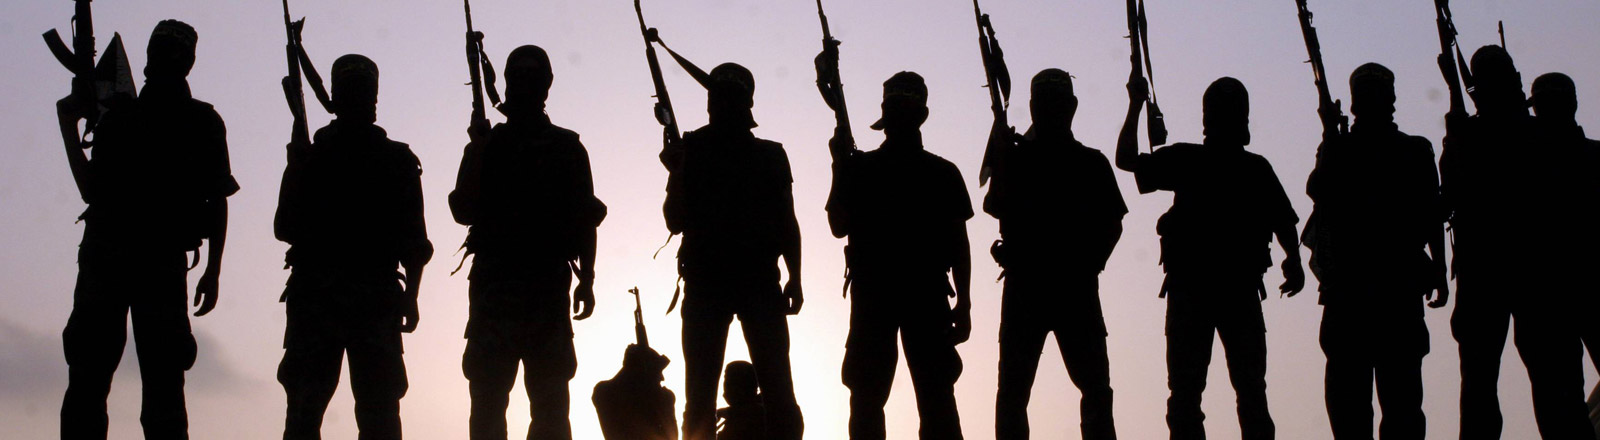 Kämpfer des Islamischen Staates stehen in einer Reihe und halten Waffen nach oben